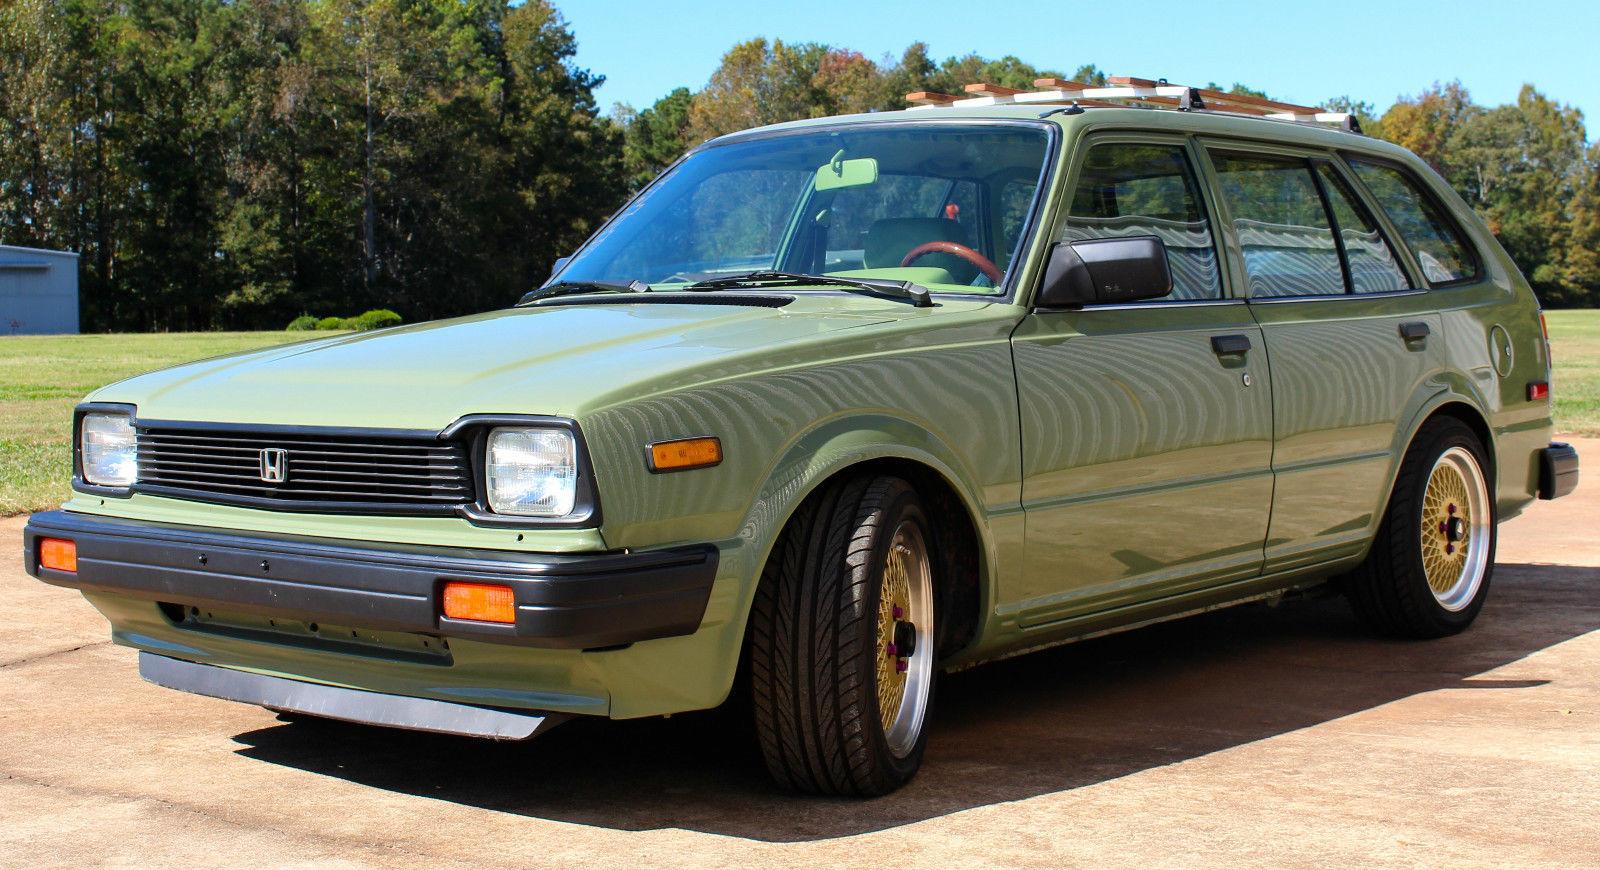 Kelebihan Kekurangan Honda Civic 1983 Review